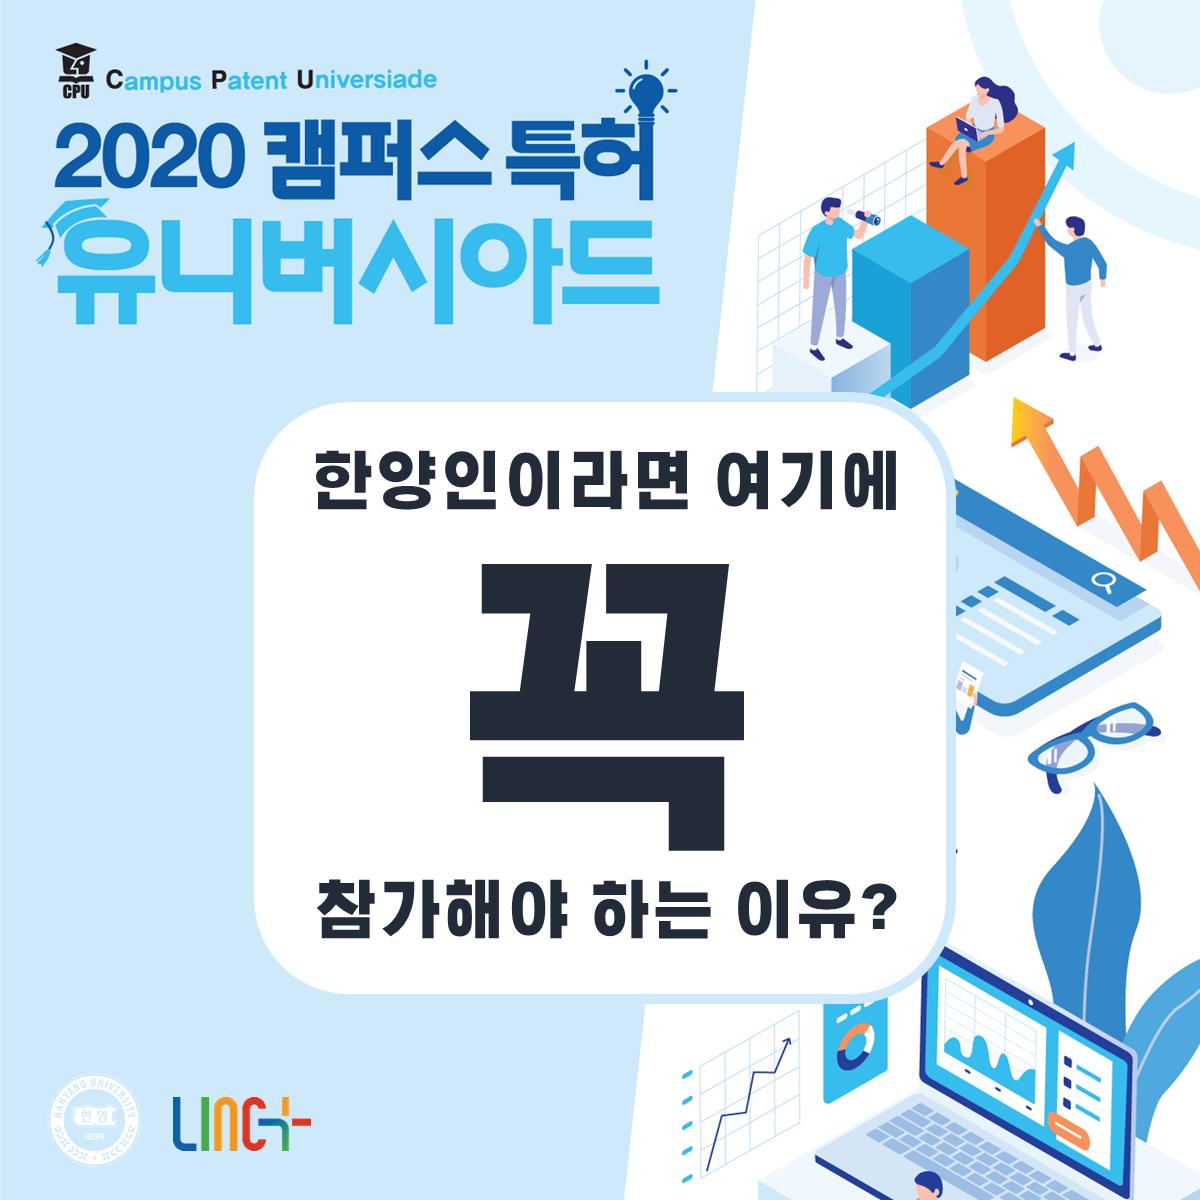 2020 캠퍼스 특허전략 유니버시아드 대회 참가팀을 찾습니다!